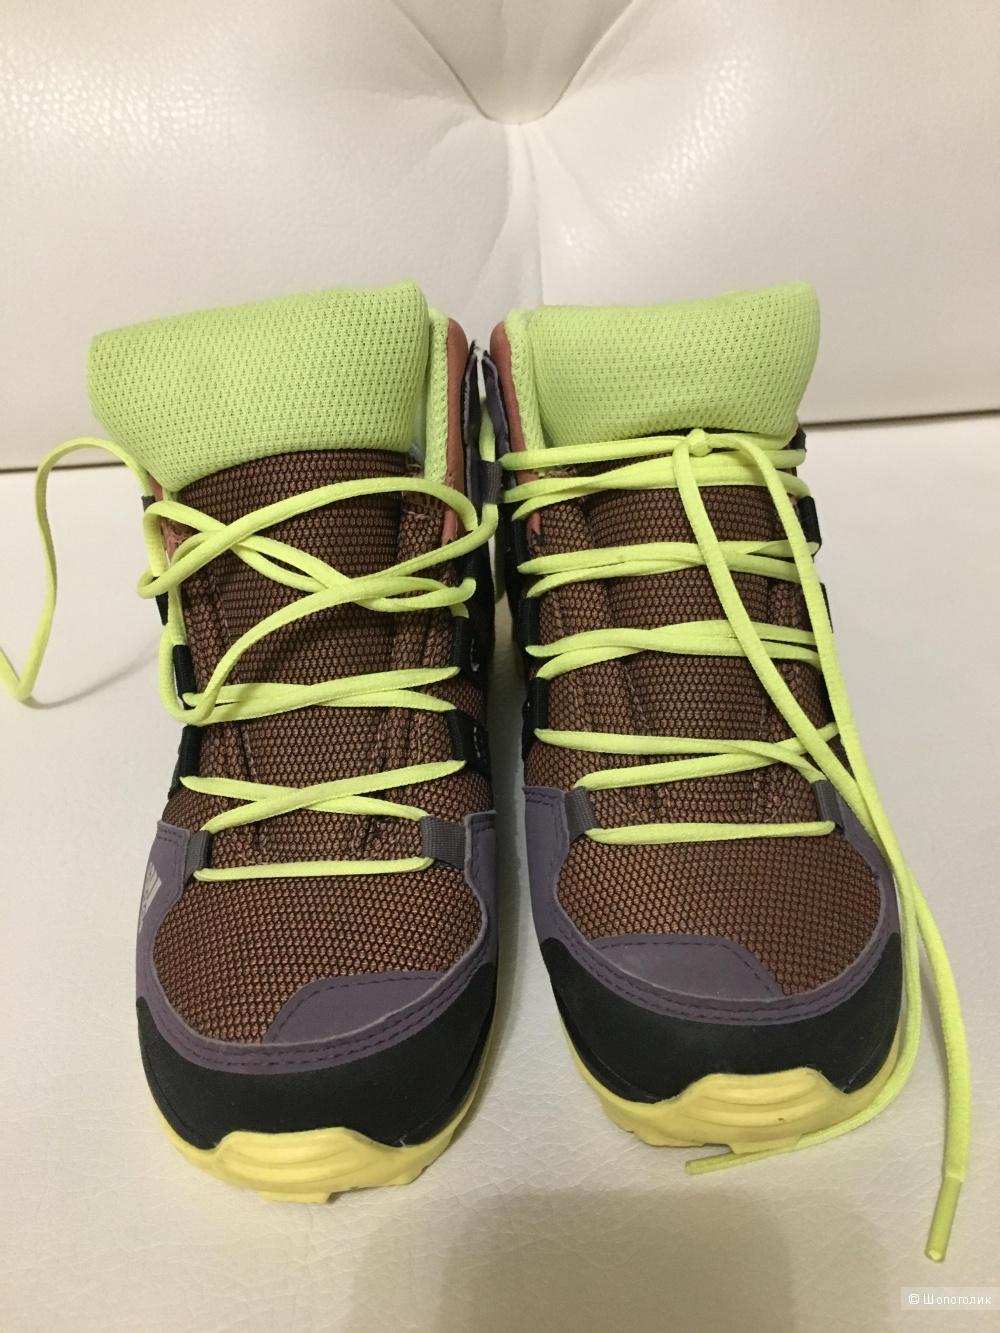 Кроссовки- демисезонные ботинки Adidas, 35 размер